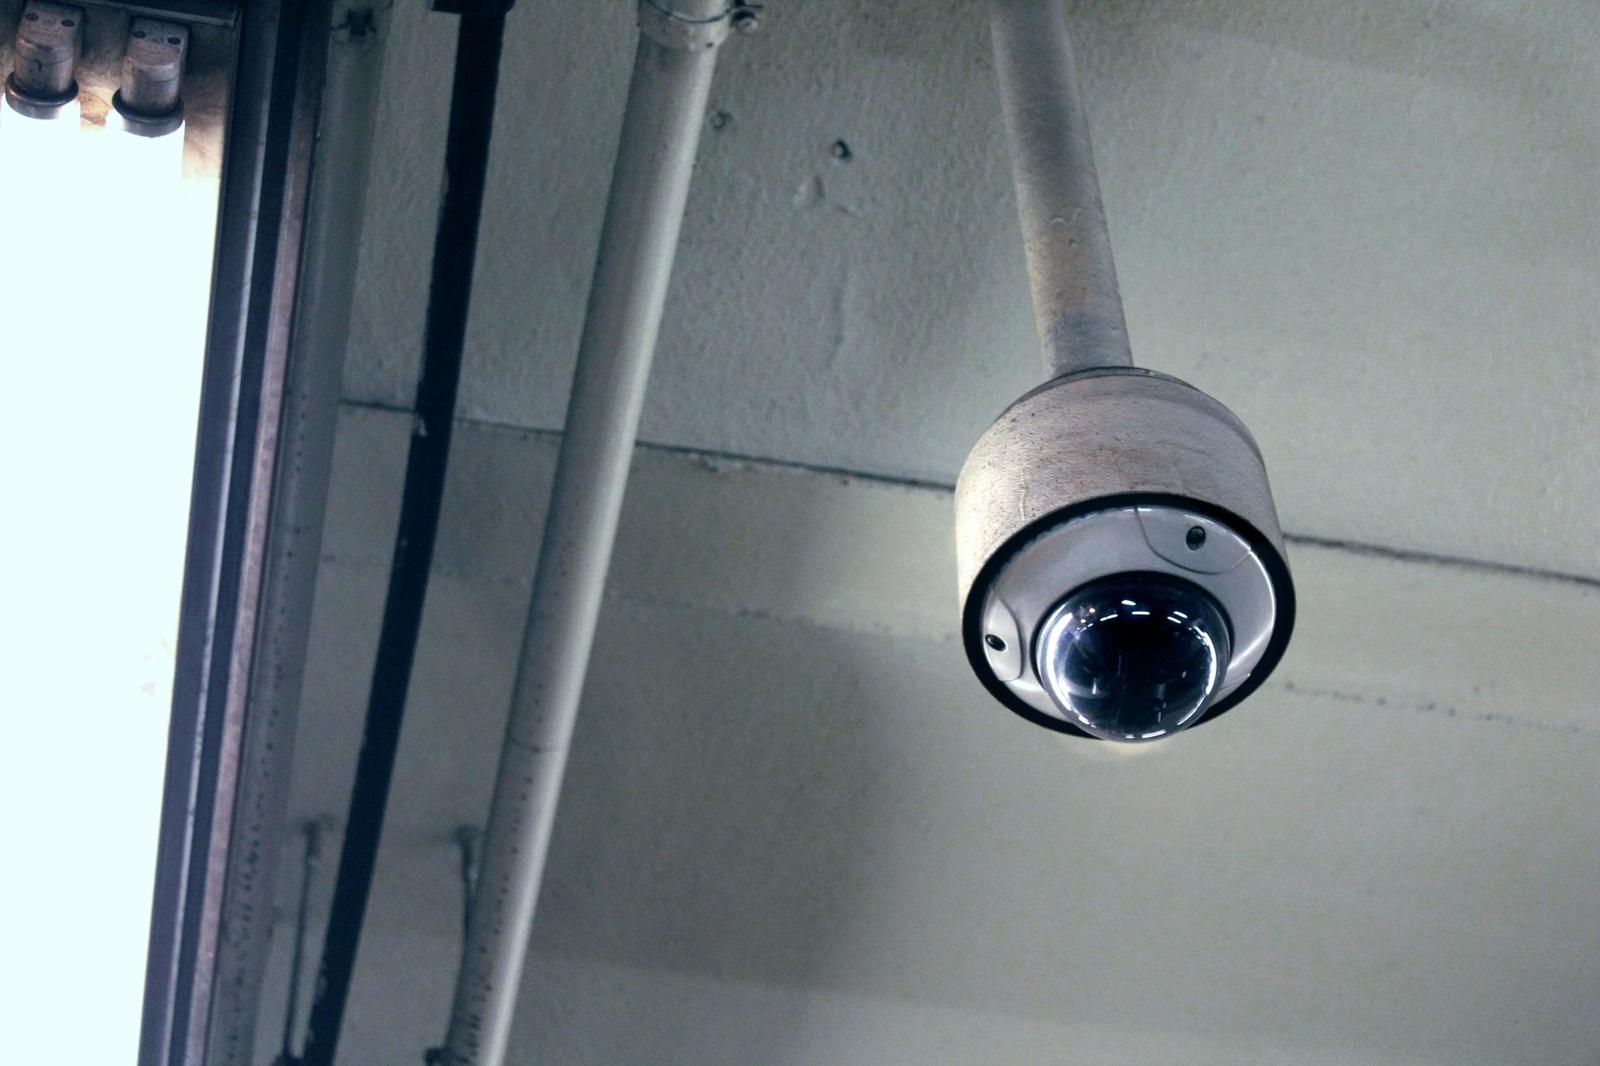 Sulaikyto vyro išradingumas: sulaužė suolą, kad sudaužytų kamerą